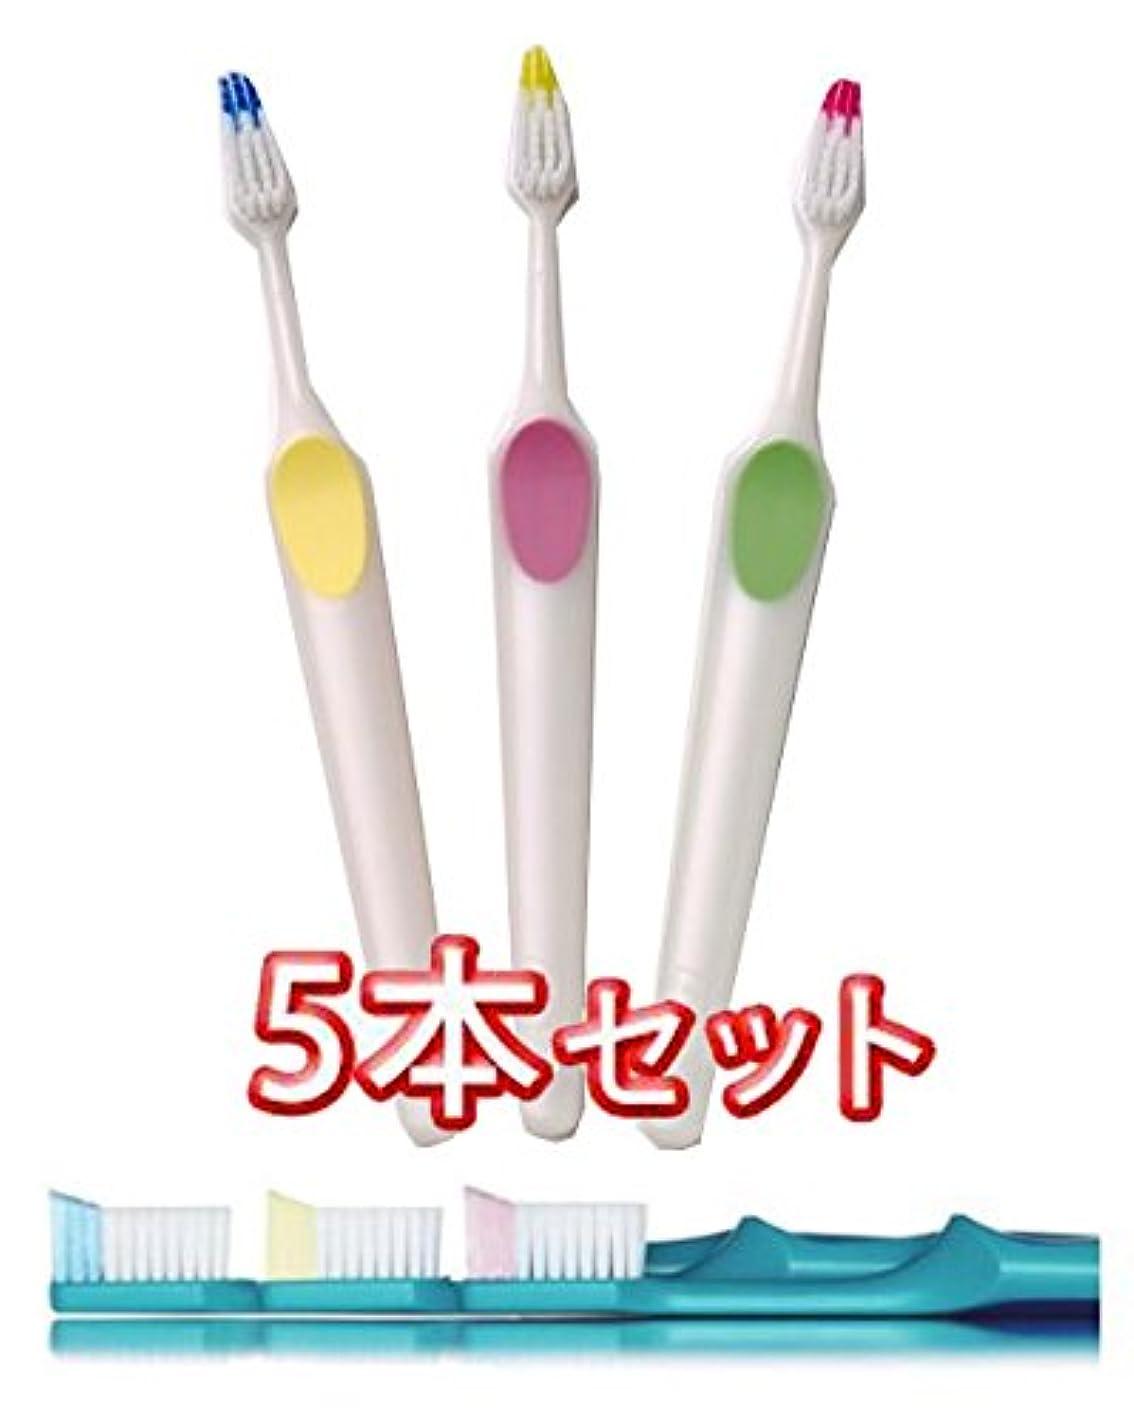 パトロンシャベル敬礼クロスフィールド TePe テペ ノバ(Nova) 歯ブラシ 5本 (ソフト)